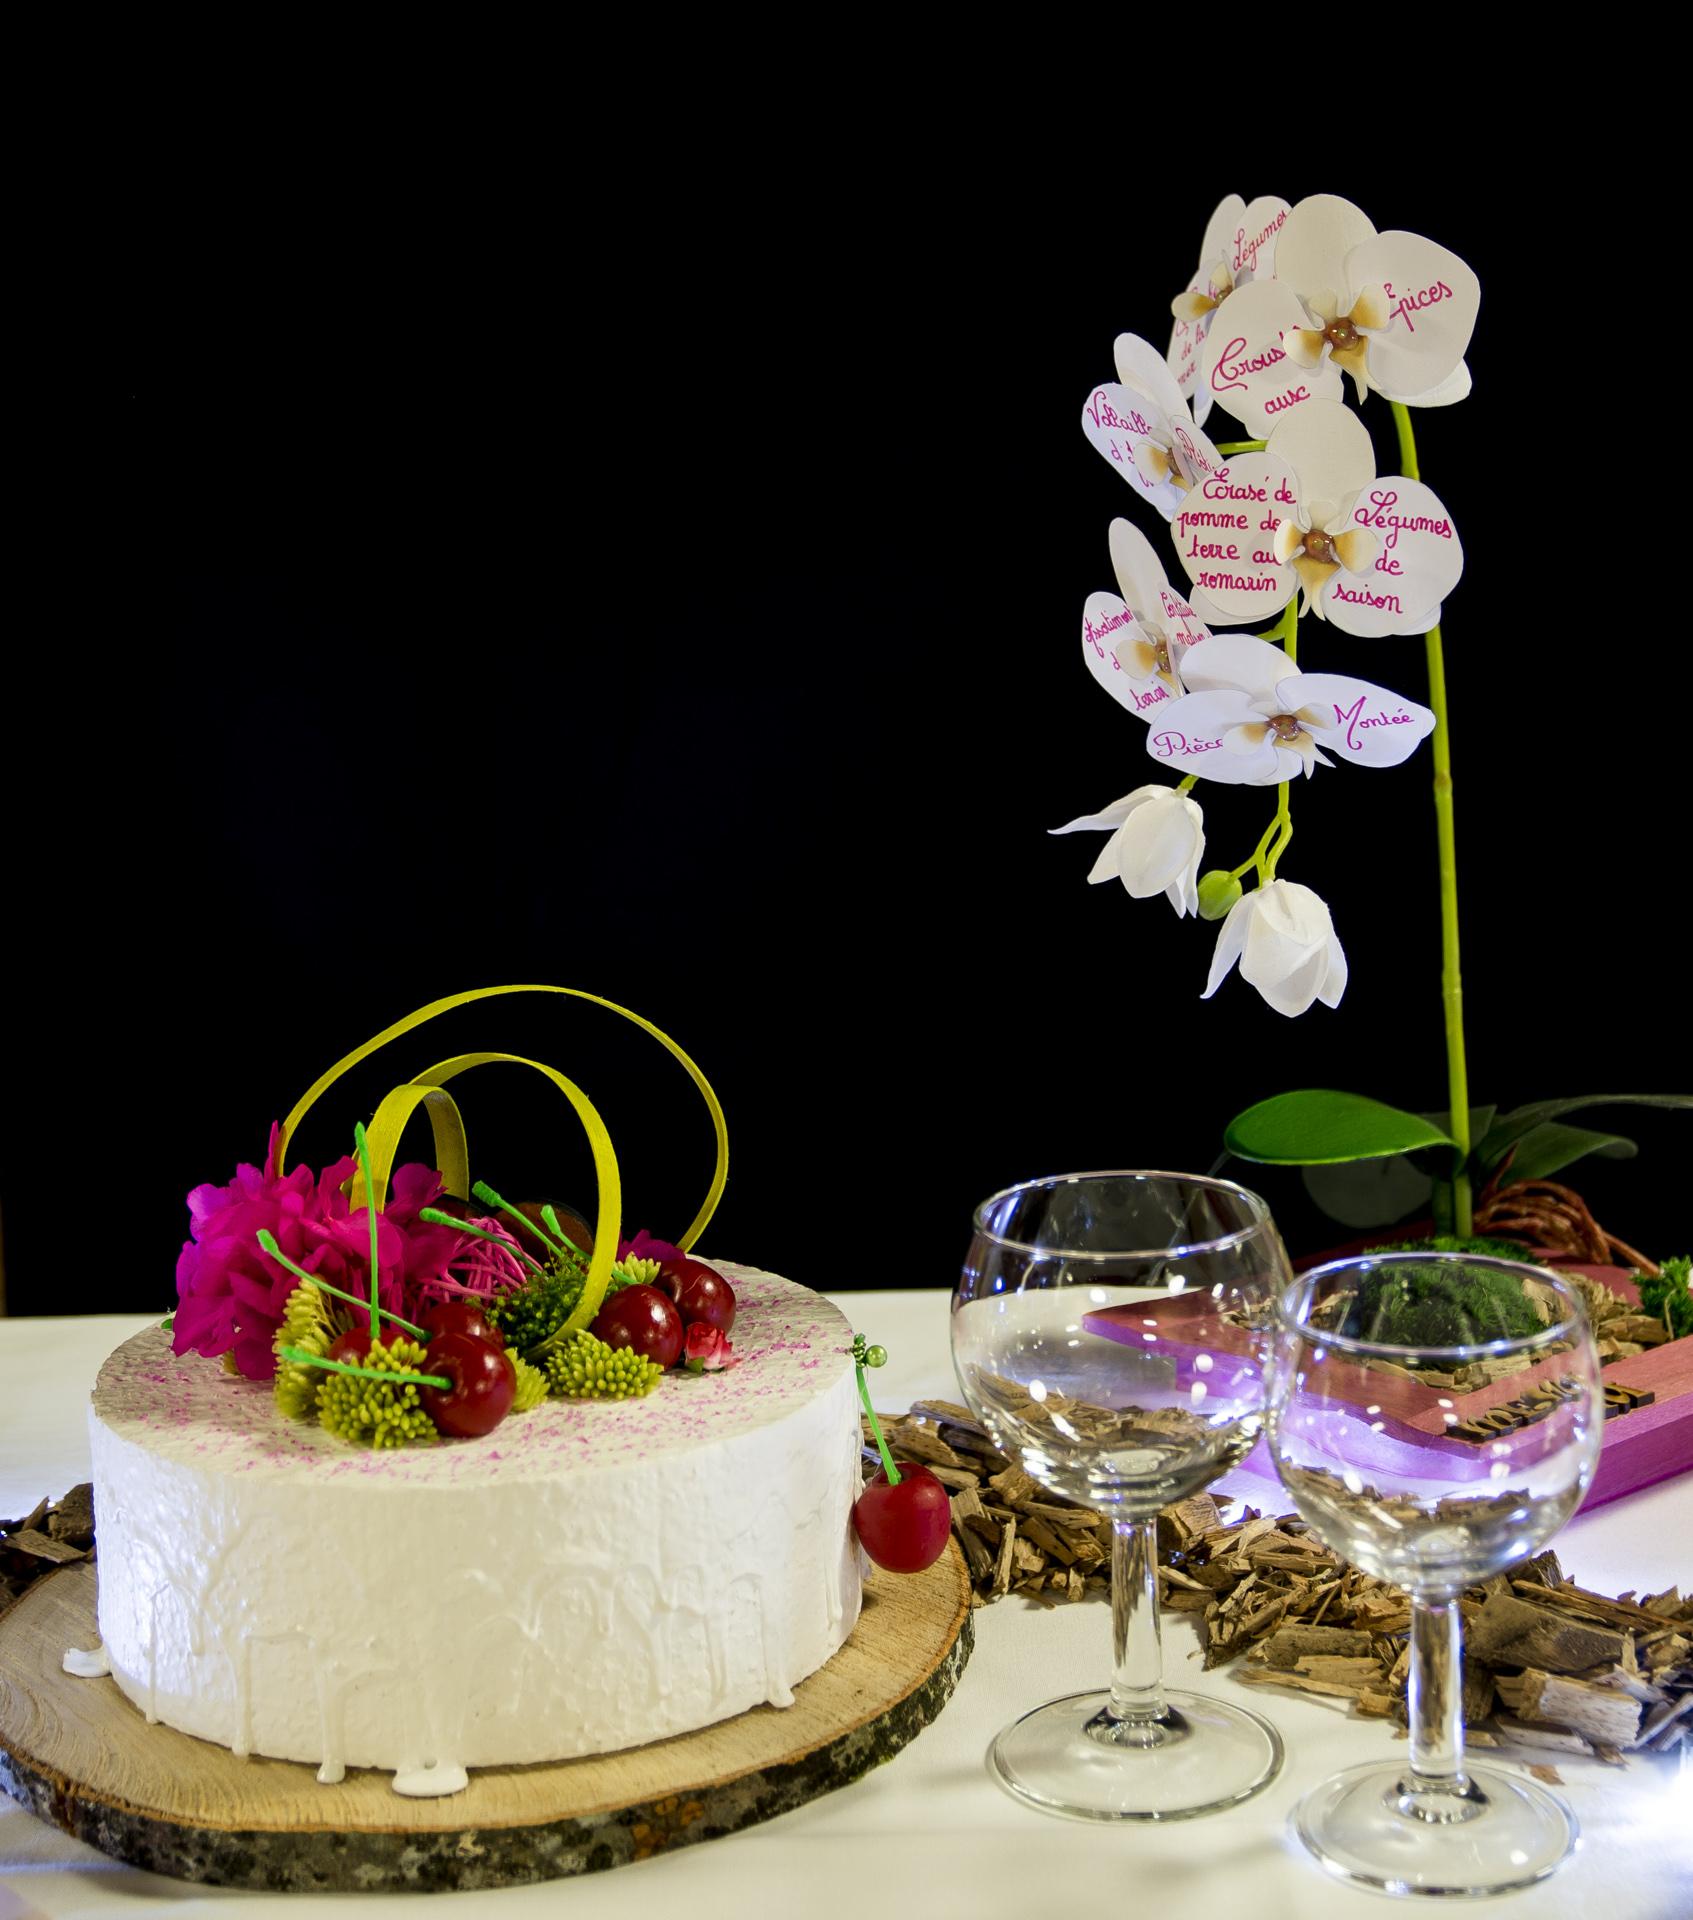 D coration v nementielle mariage bapt me r ception for Decoration evenementielle